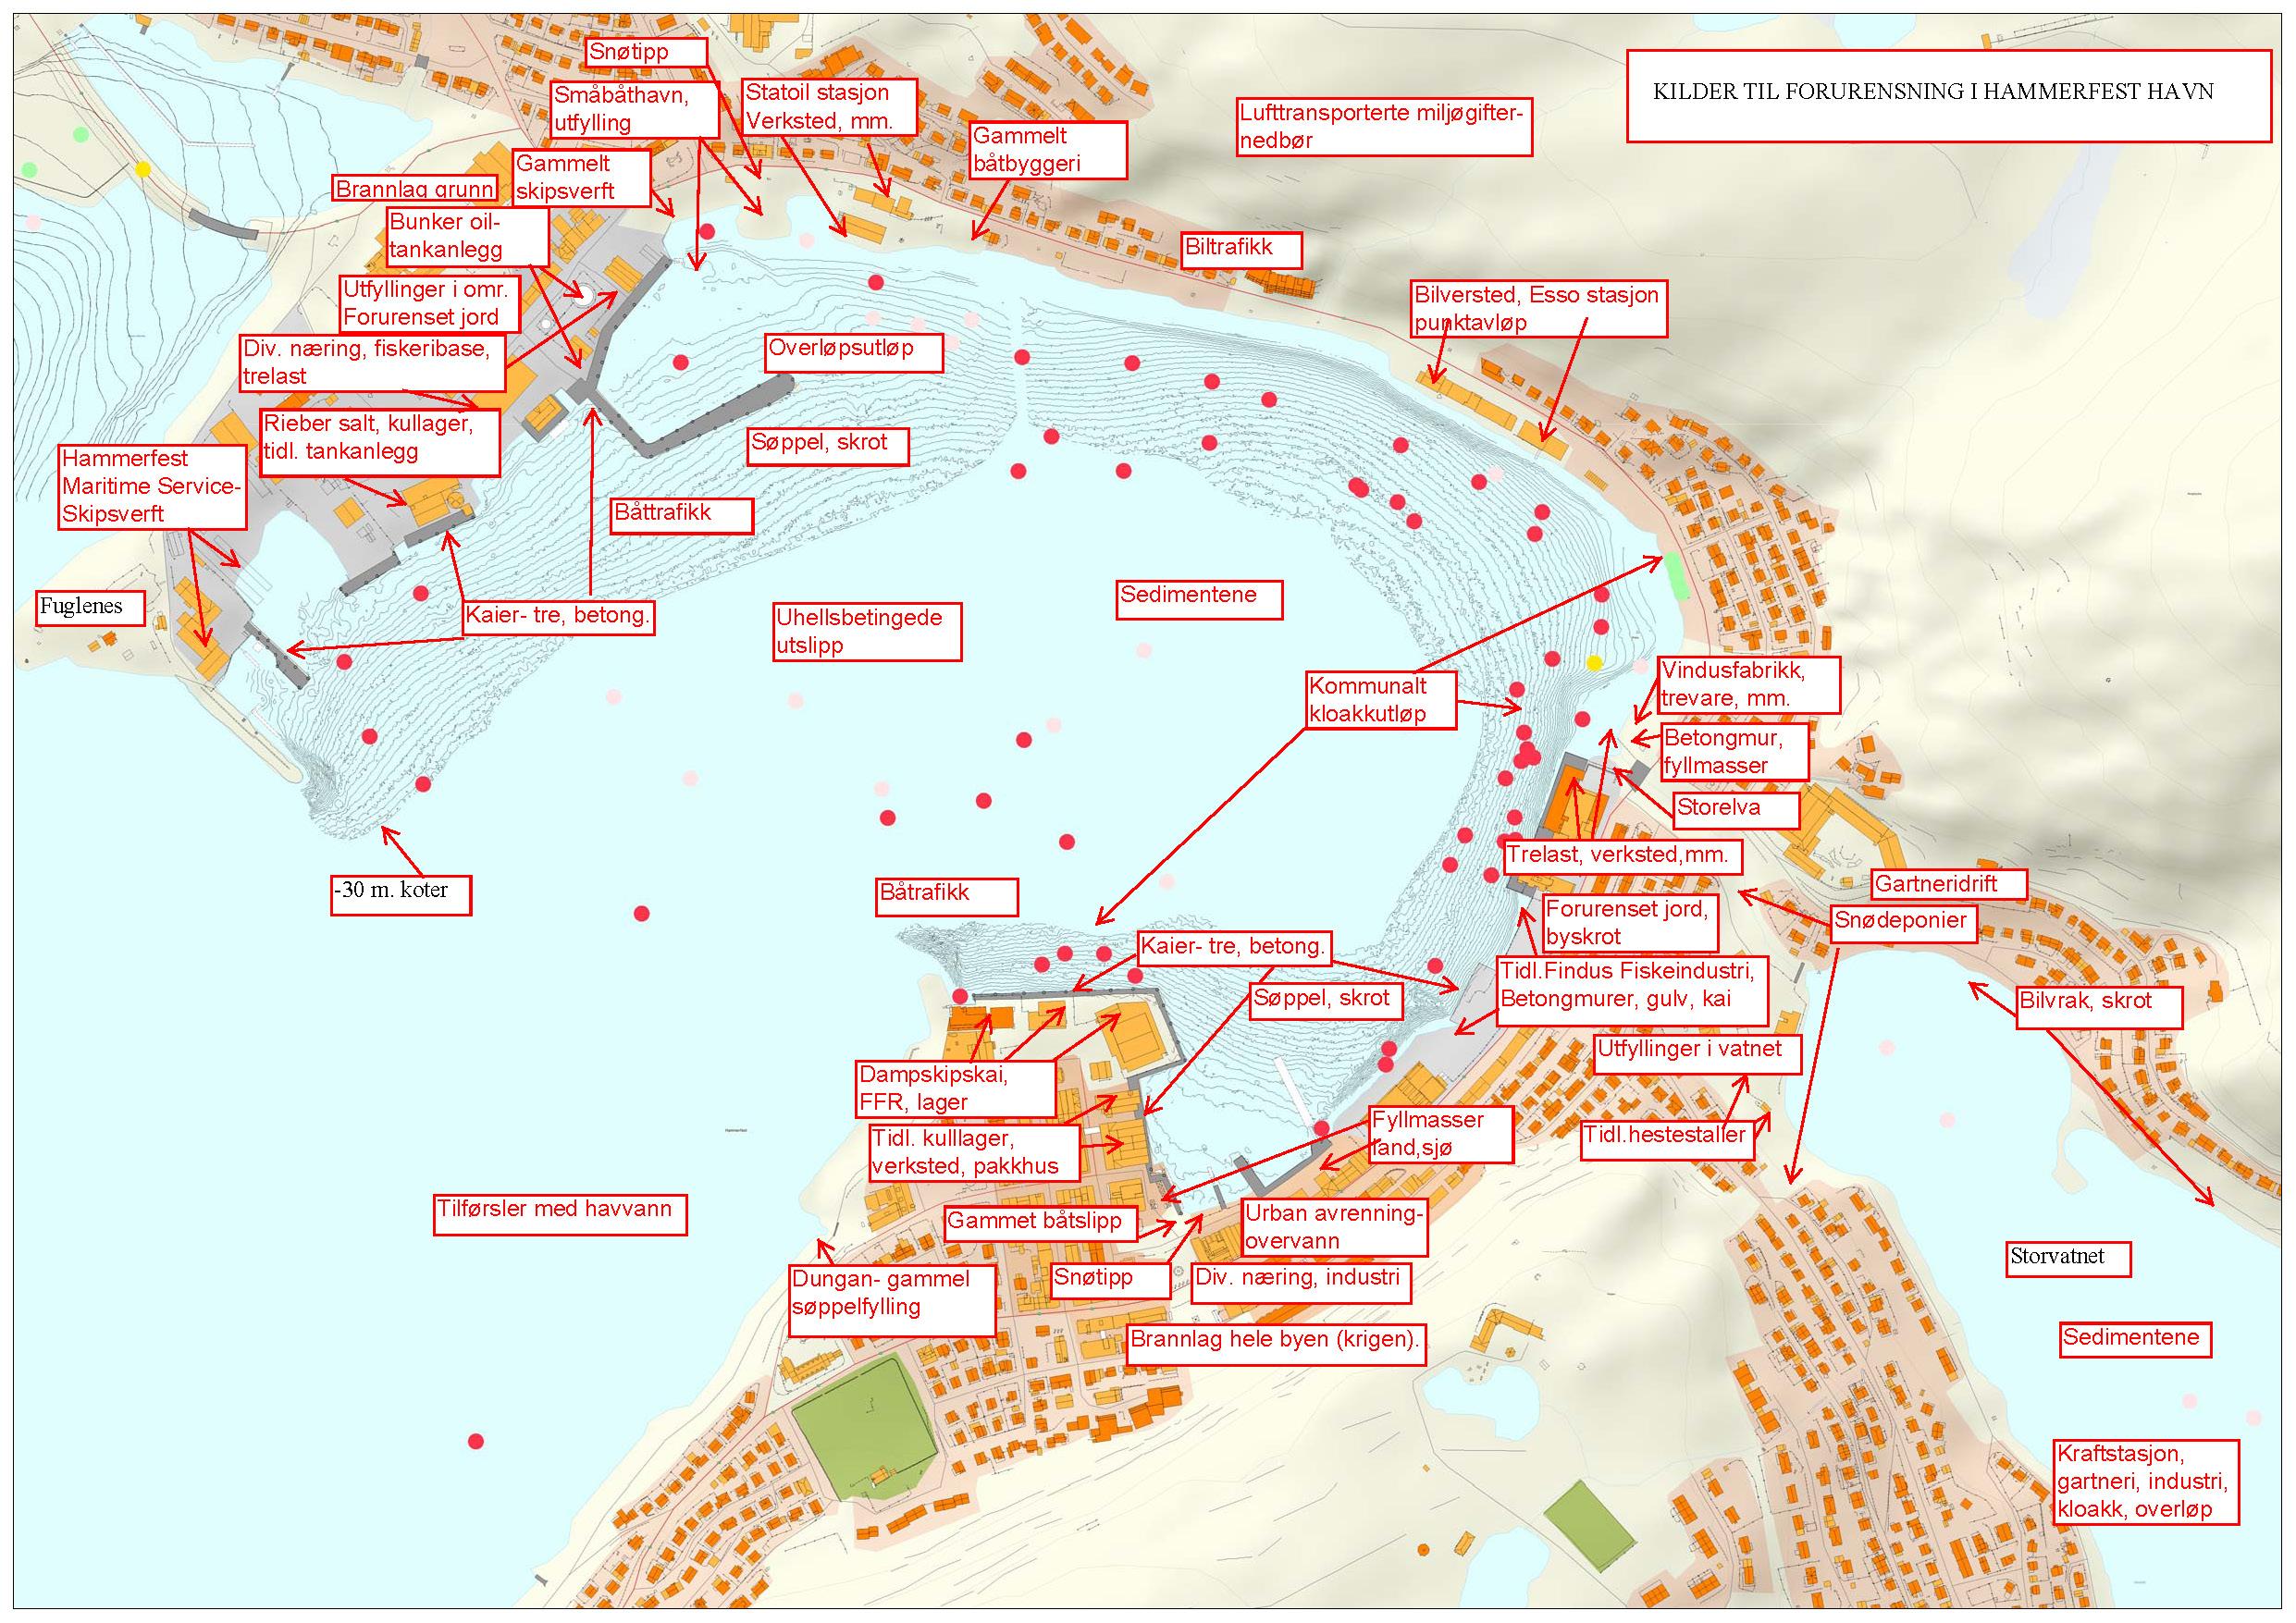 båttrafikk kart Kilder til forurensing i Hammerfest havn   Hammerfest kommune båttrafikk kart